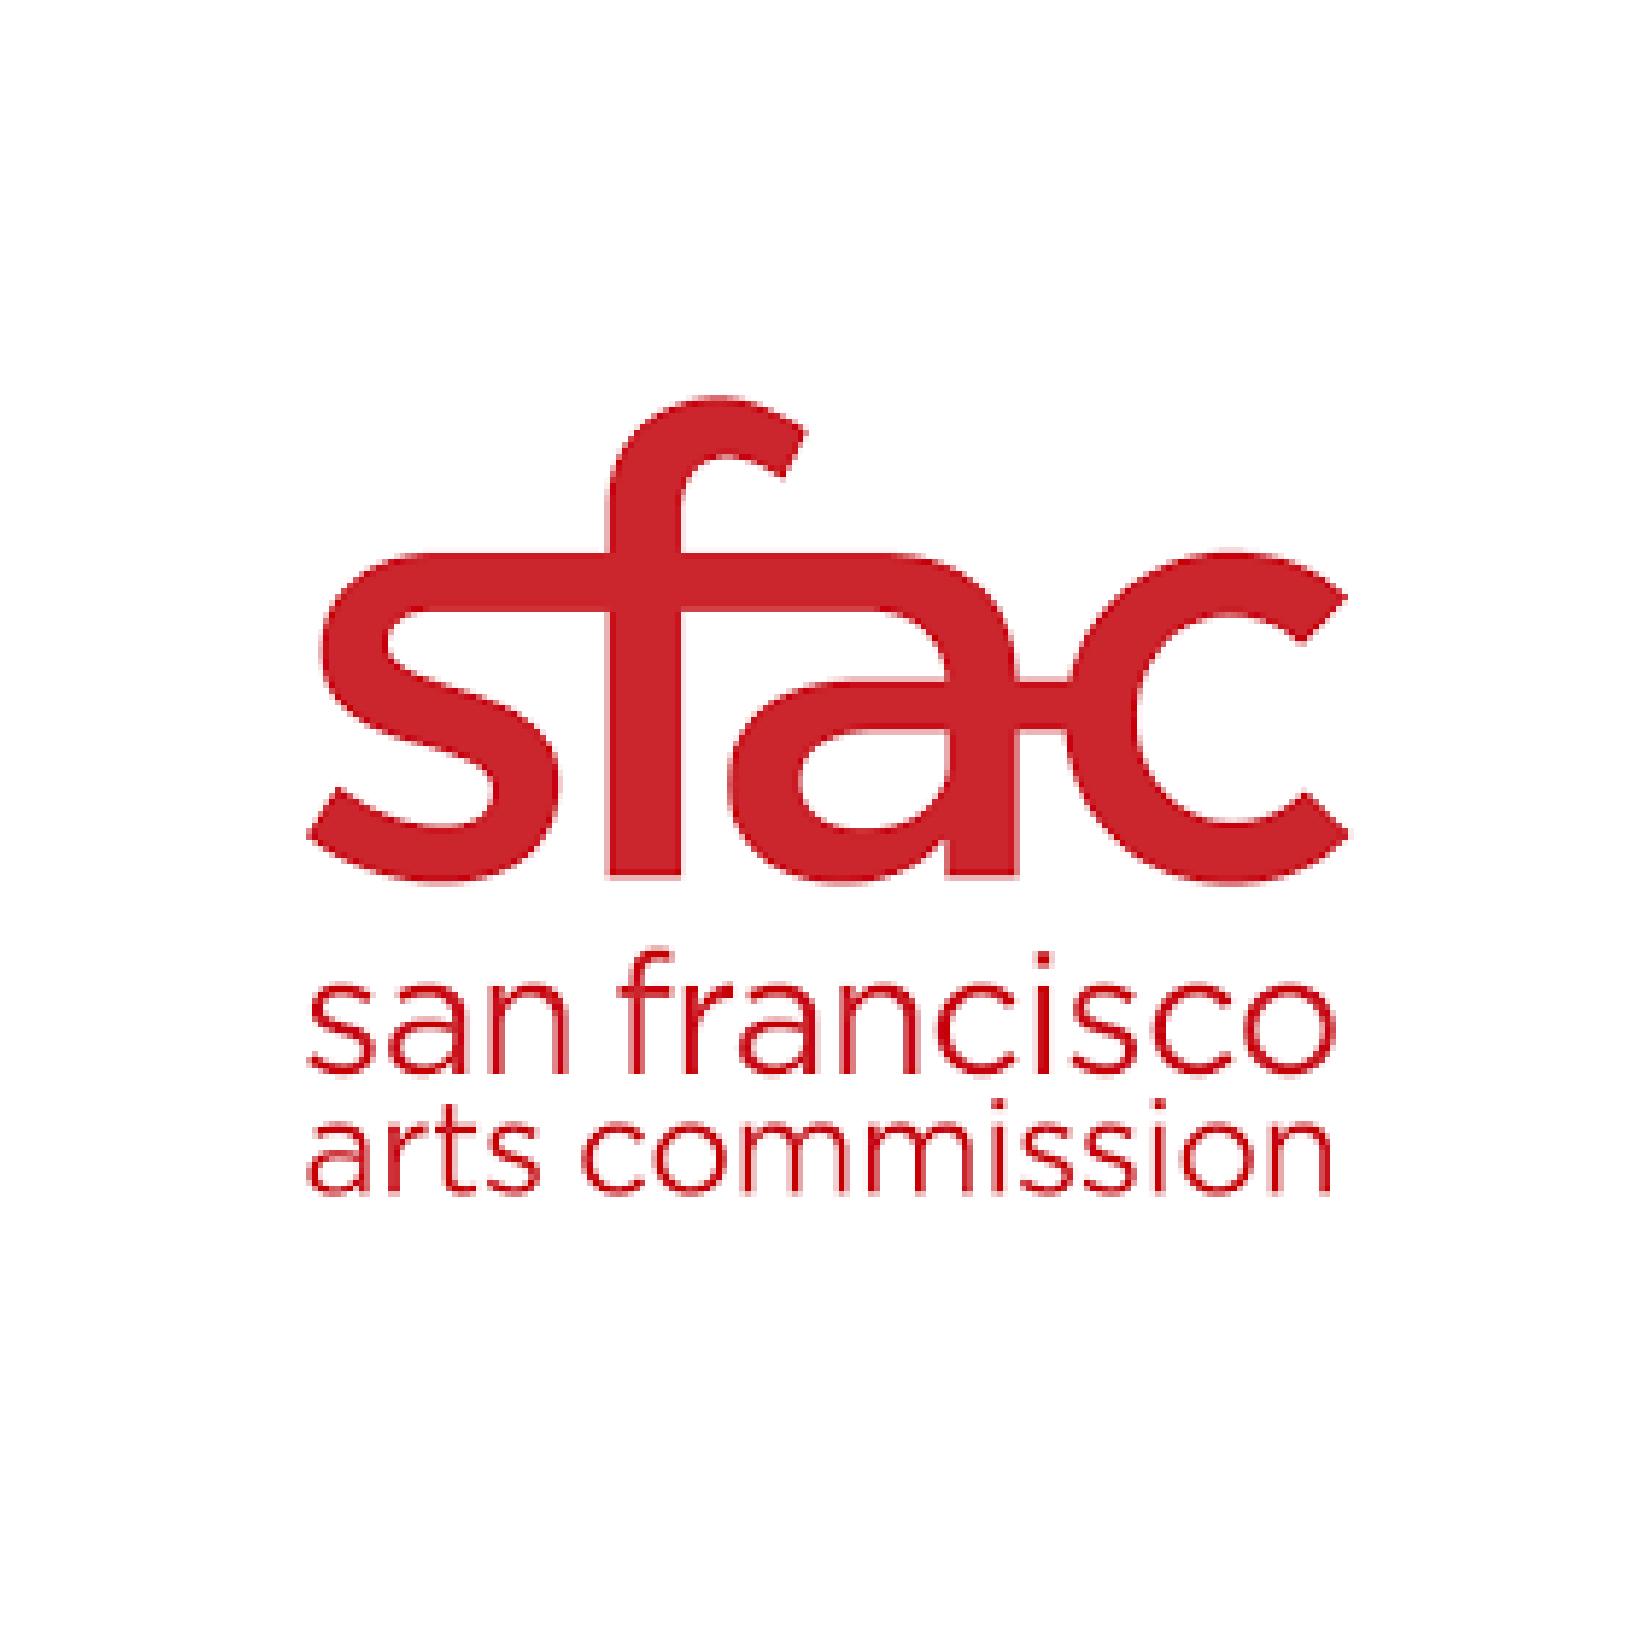 sfac-01.jpg